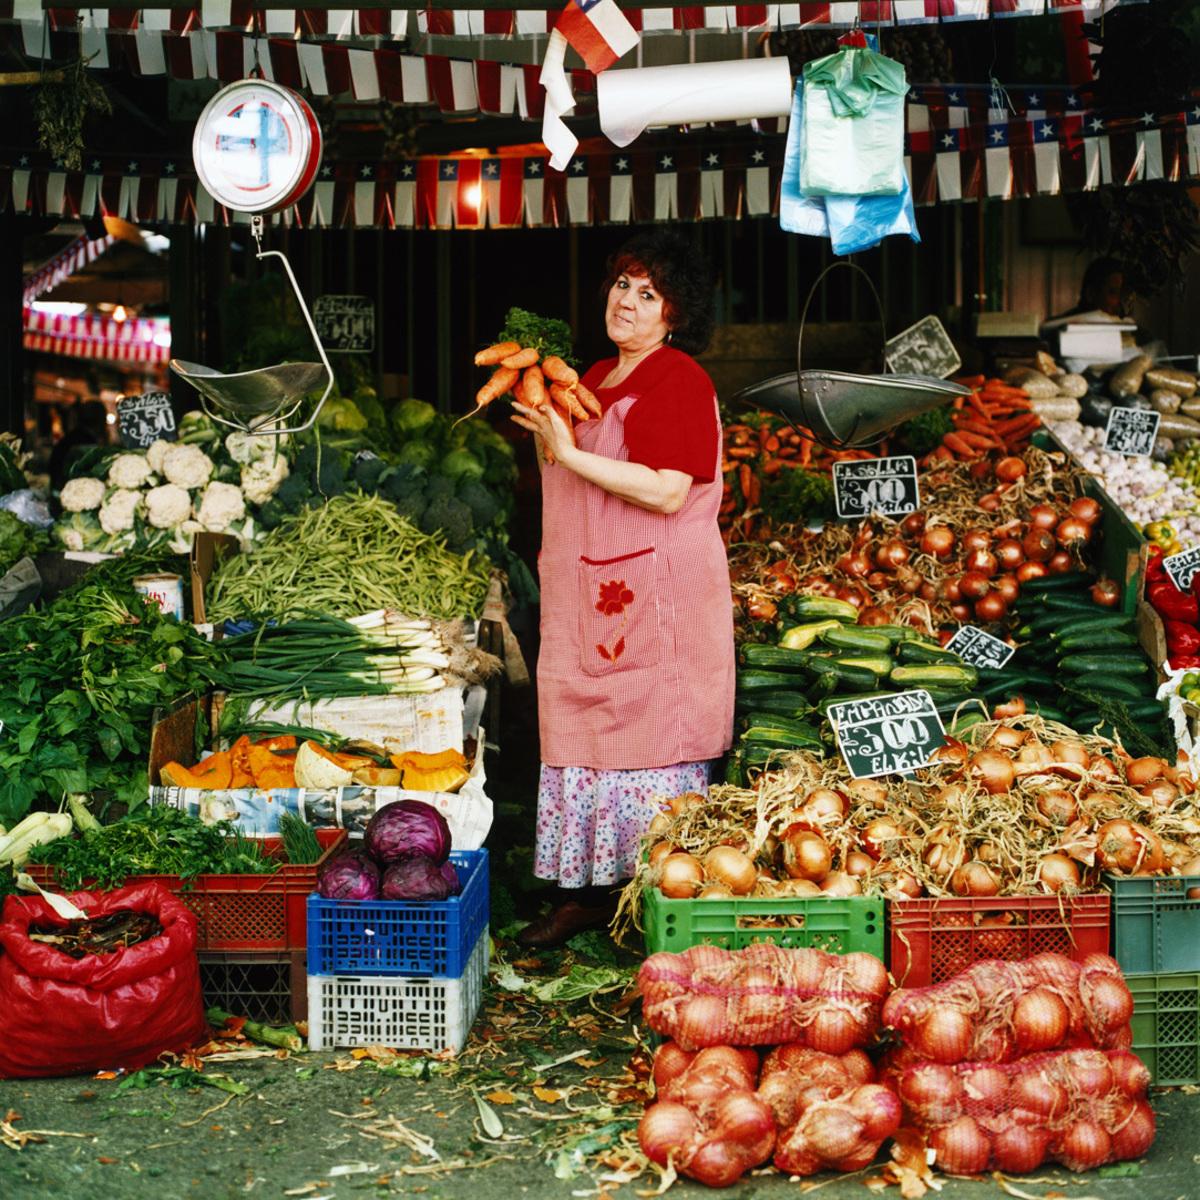 Fruit and Vegetables Stall #2, La Vega Central, Santiago, Chile